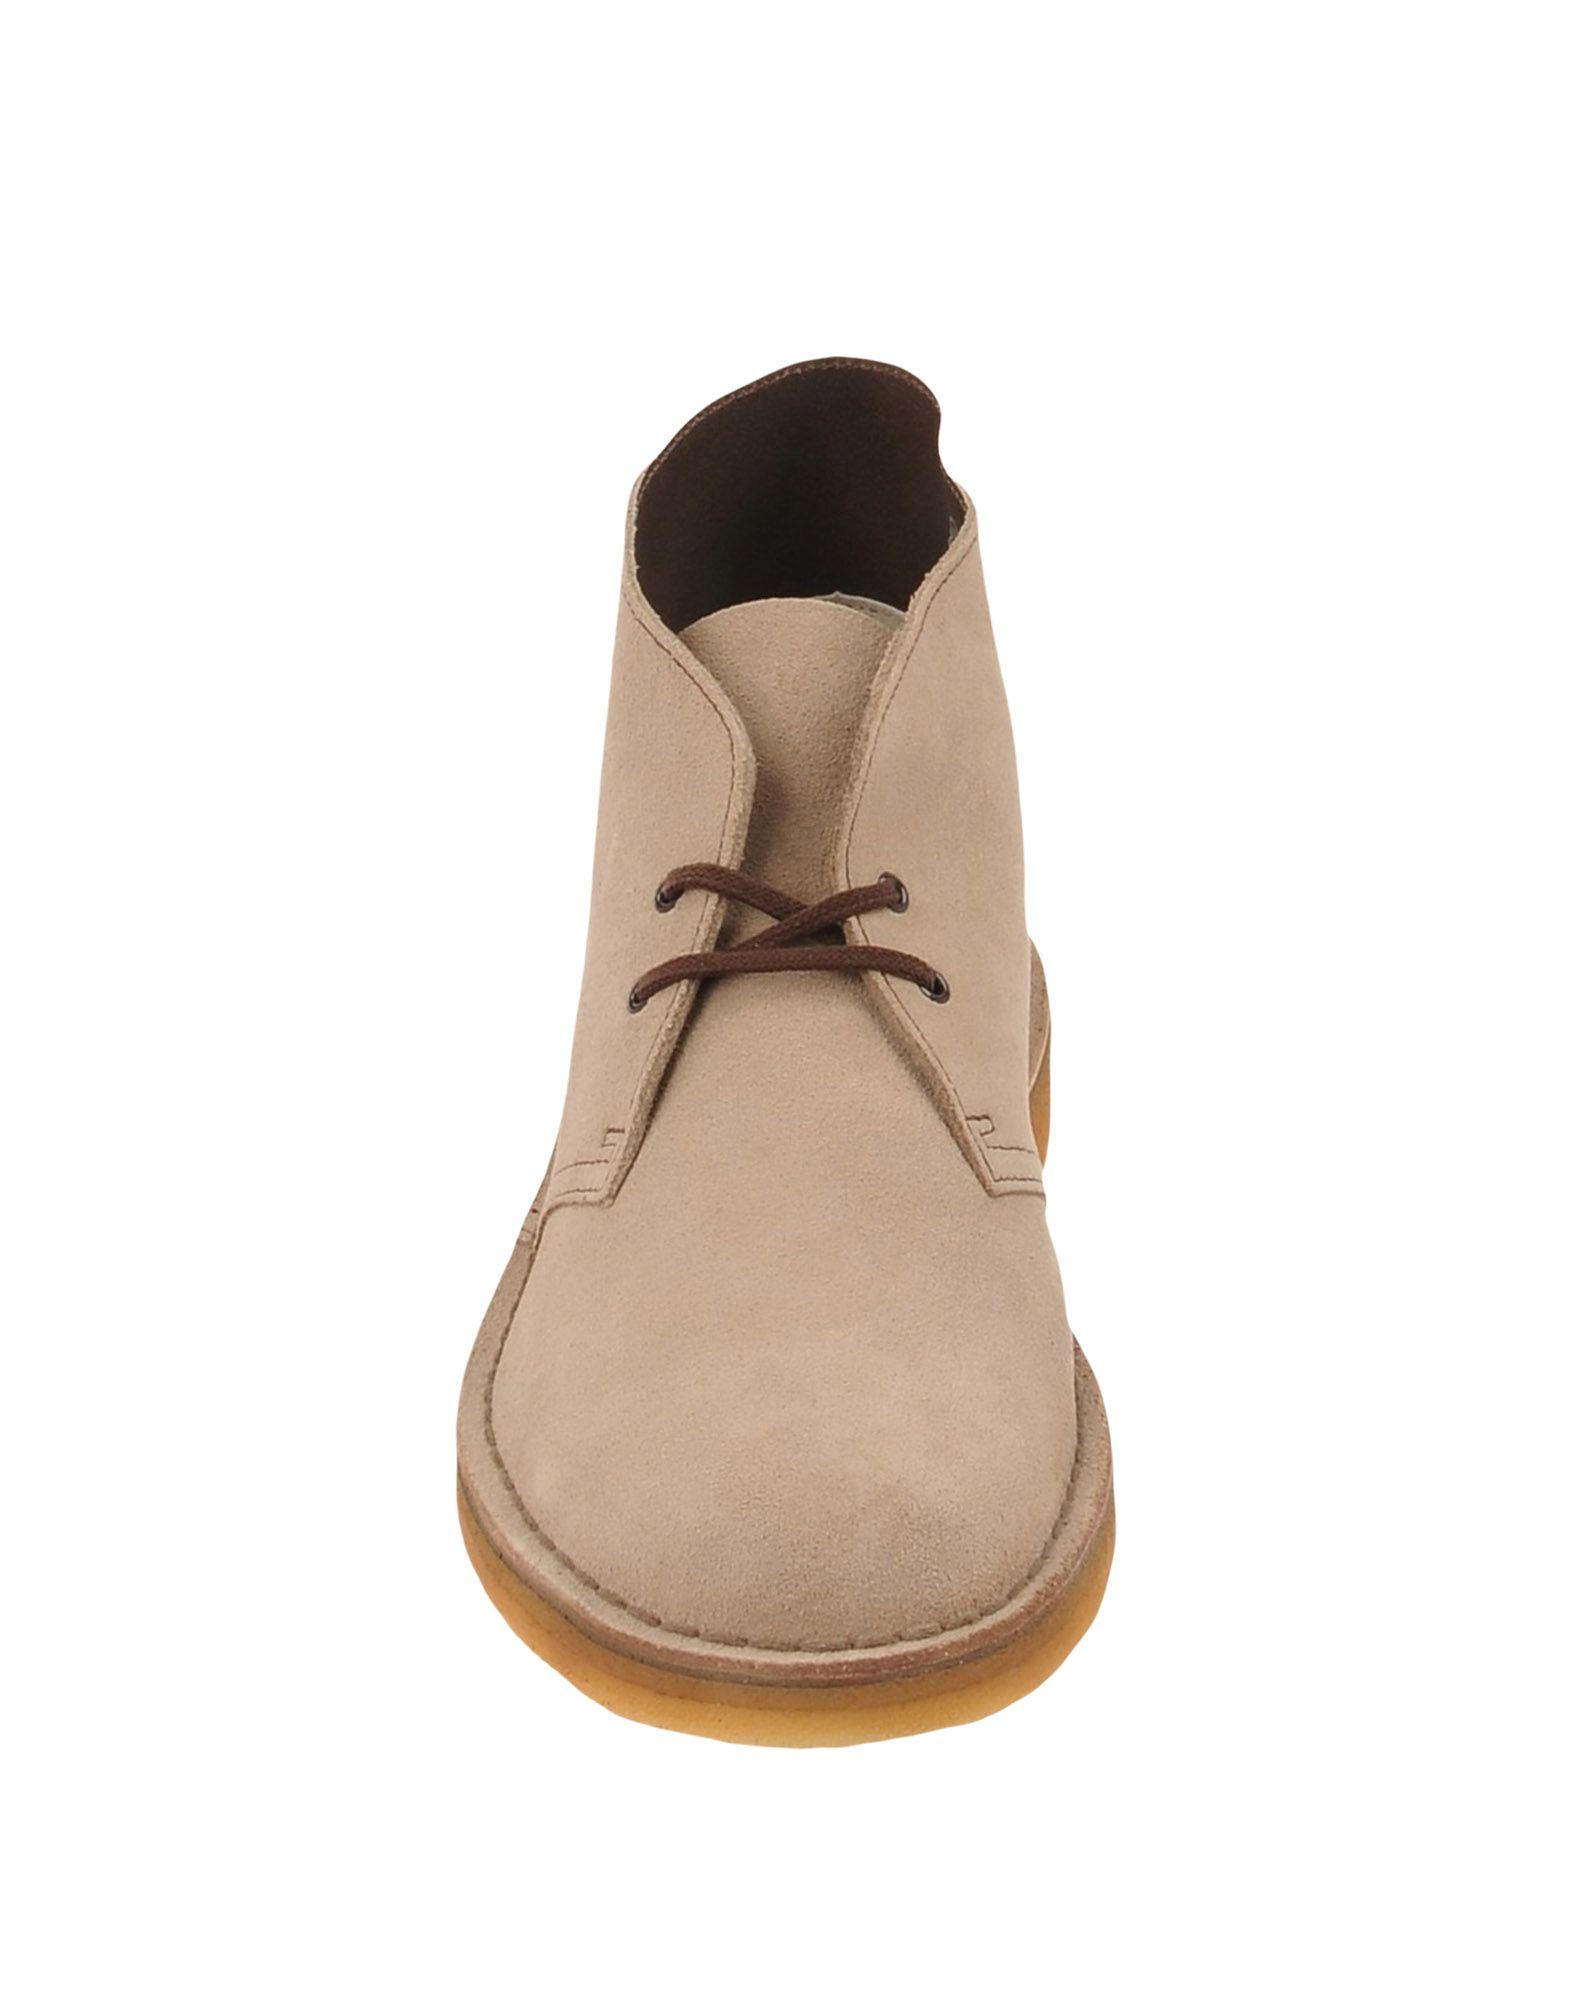 Clarks Herren Stiefelette Herren Clarks  11440762PI Heiße Schuhe bf2b09